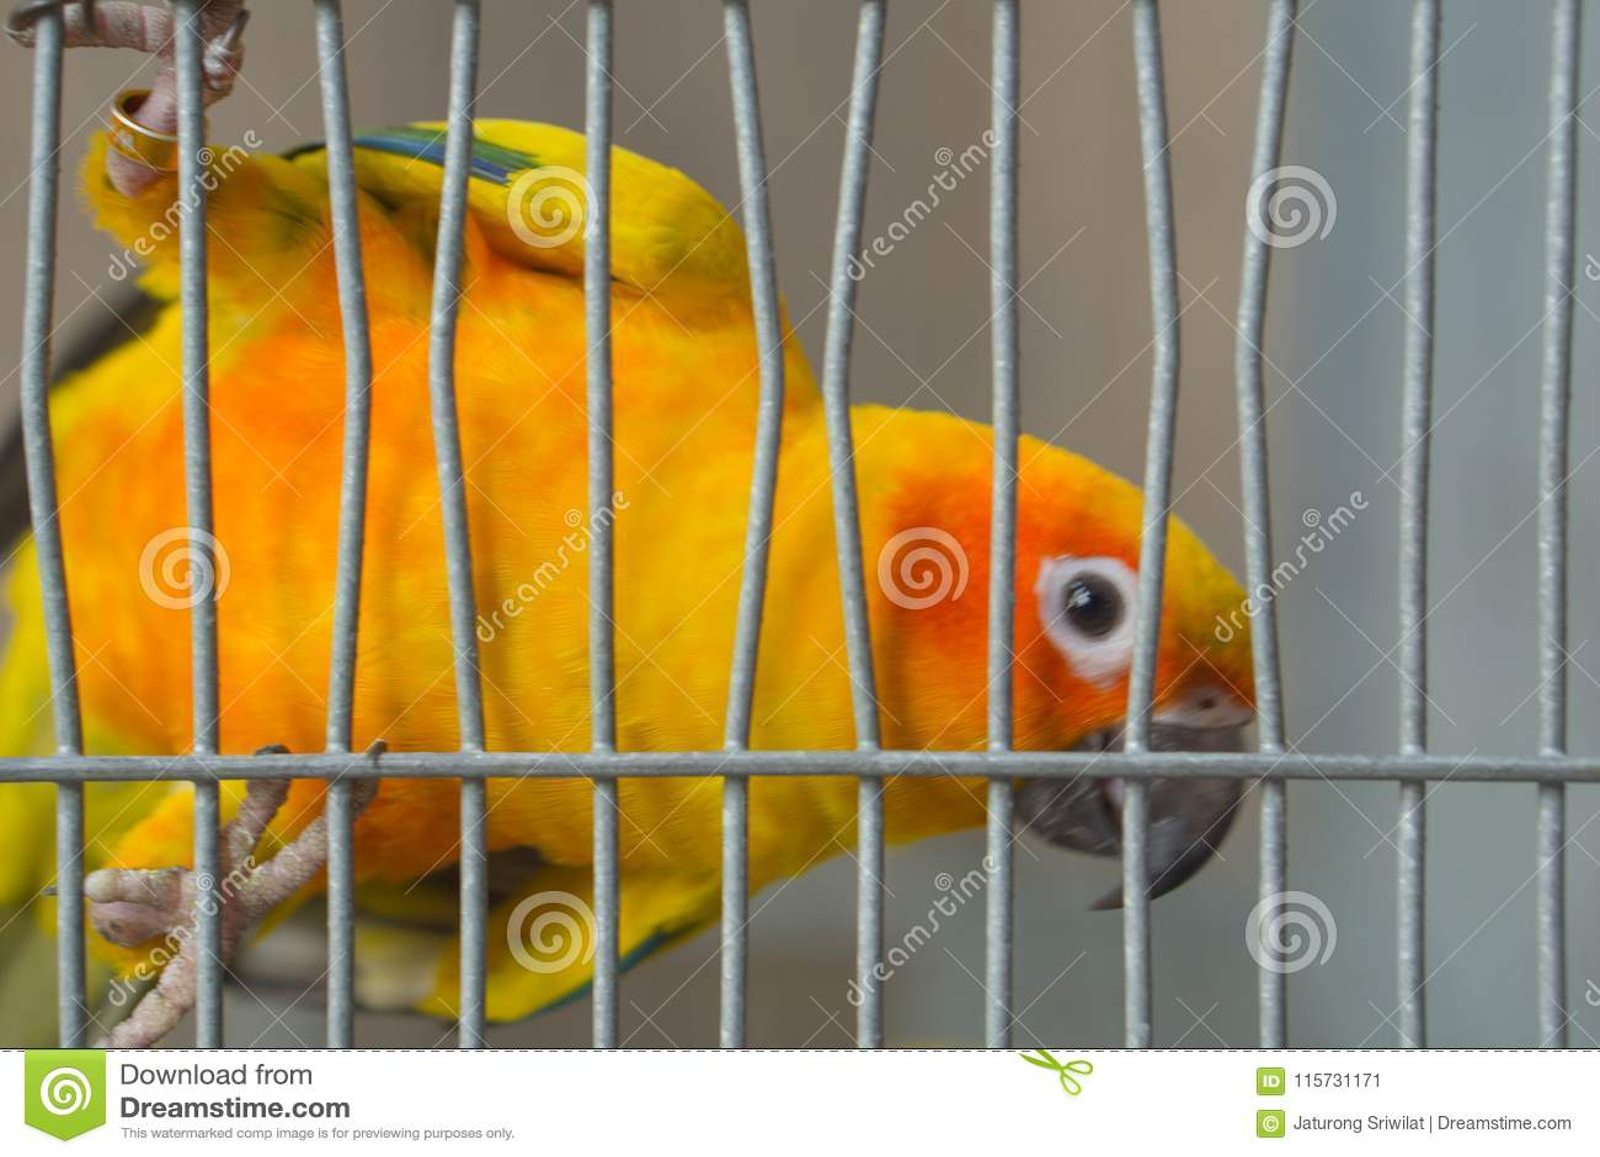 Zakończenie wizerunek żółta papuga w klatce